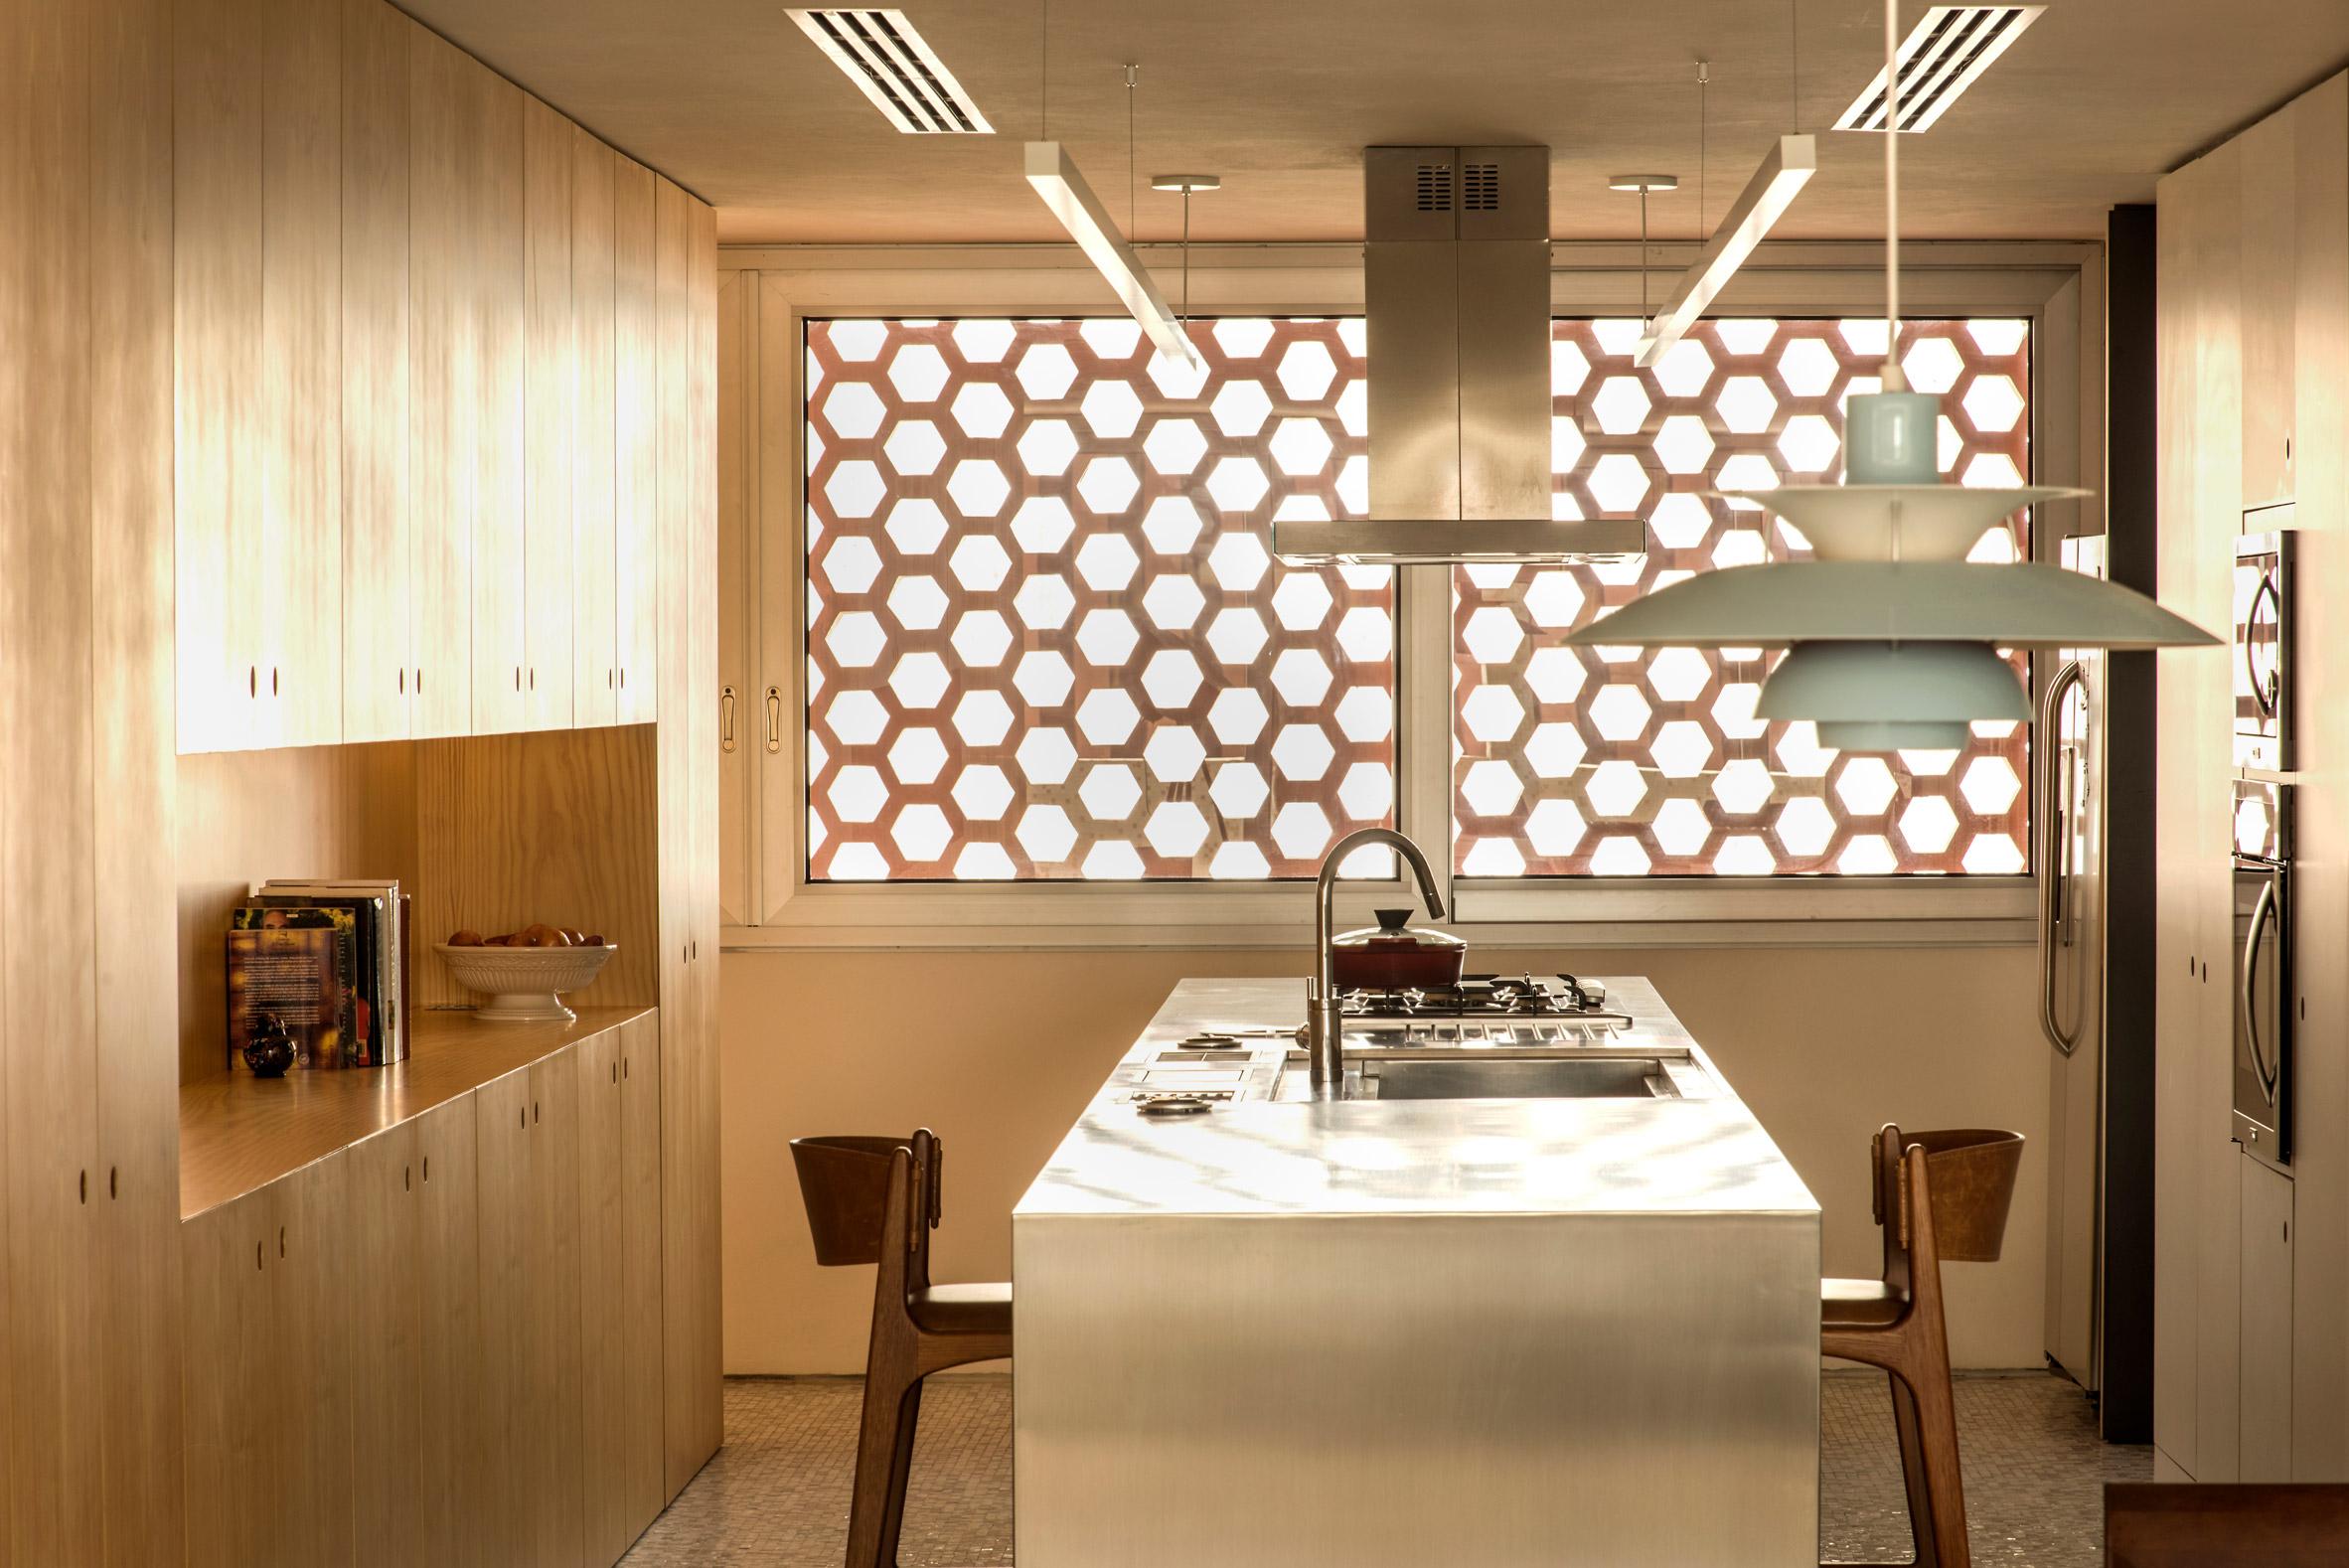 Thiết kế nội thất chung cư 100m2 22